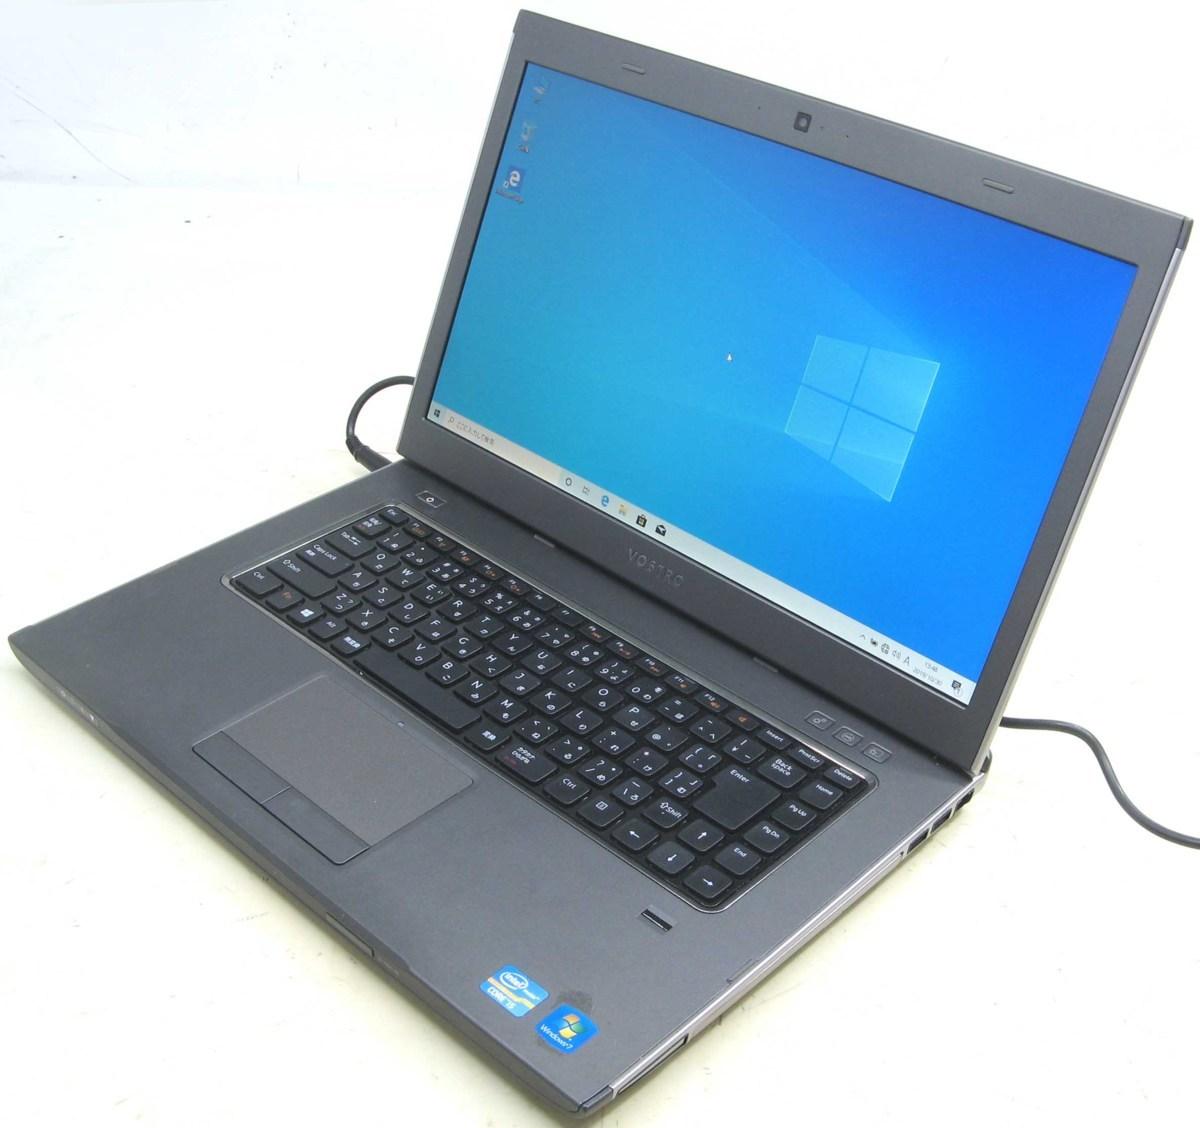 中古ノートパソコン DELL Vostro 3560-2600HD デル Windows10 Corei5 メモリ4GB HDD320GB 15.6インチ HDMI 無線 Bluetooth Webカメラ DVDスーパーマルチ 中古パソコン 中古PC